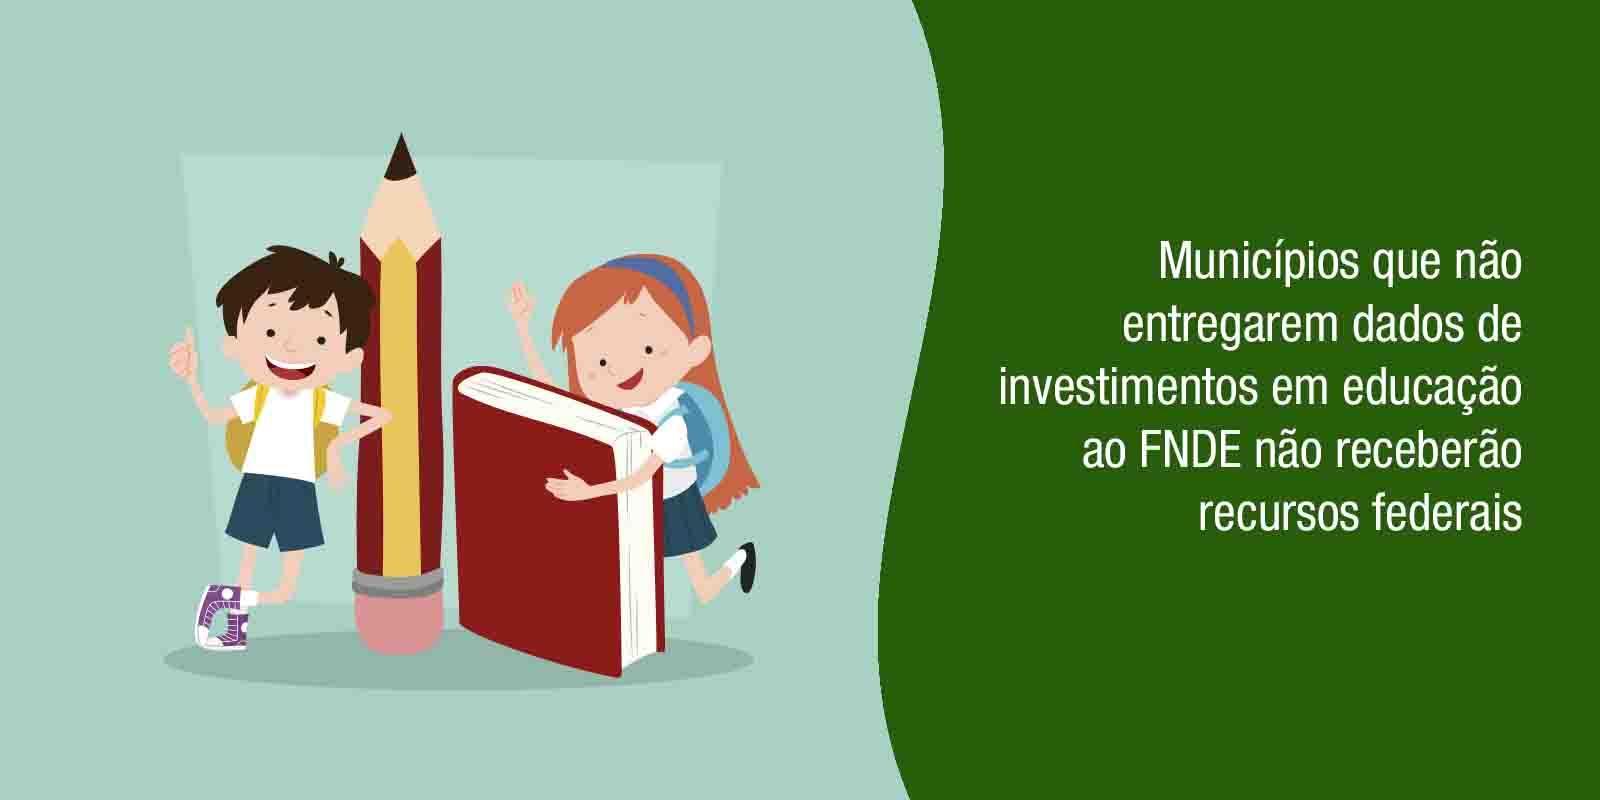 Municípios que não entregarem dados de investimentos em educação ao FNDE não receberão recursos federais